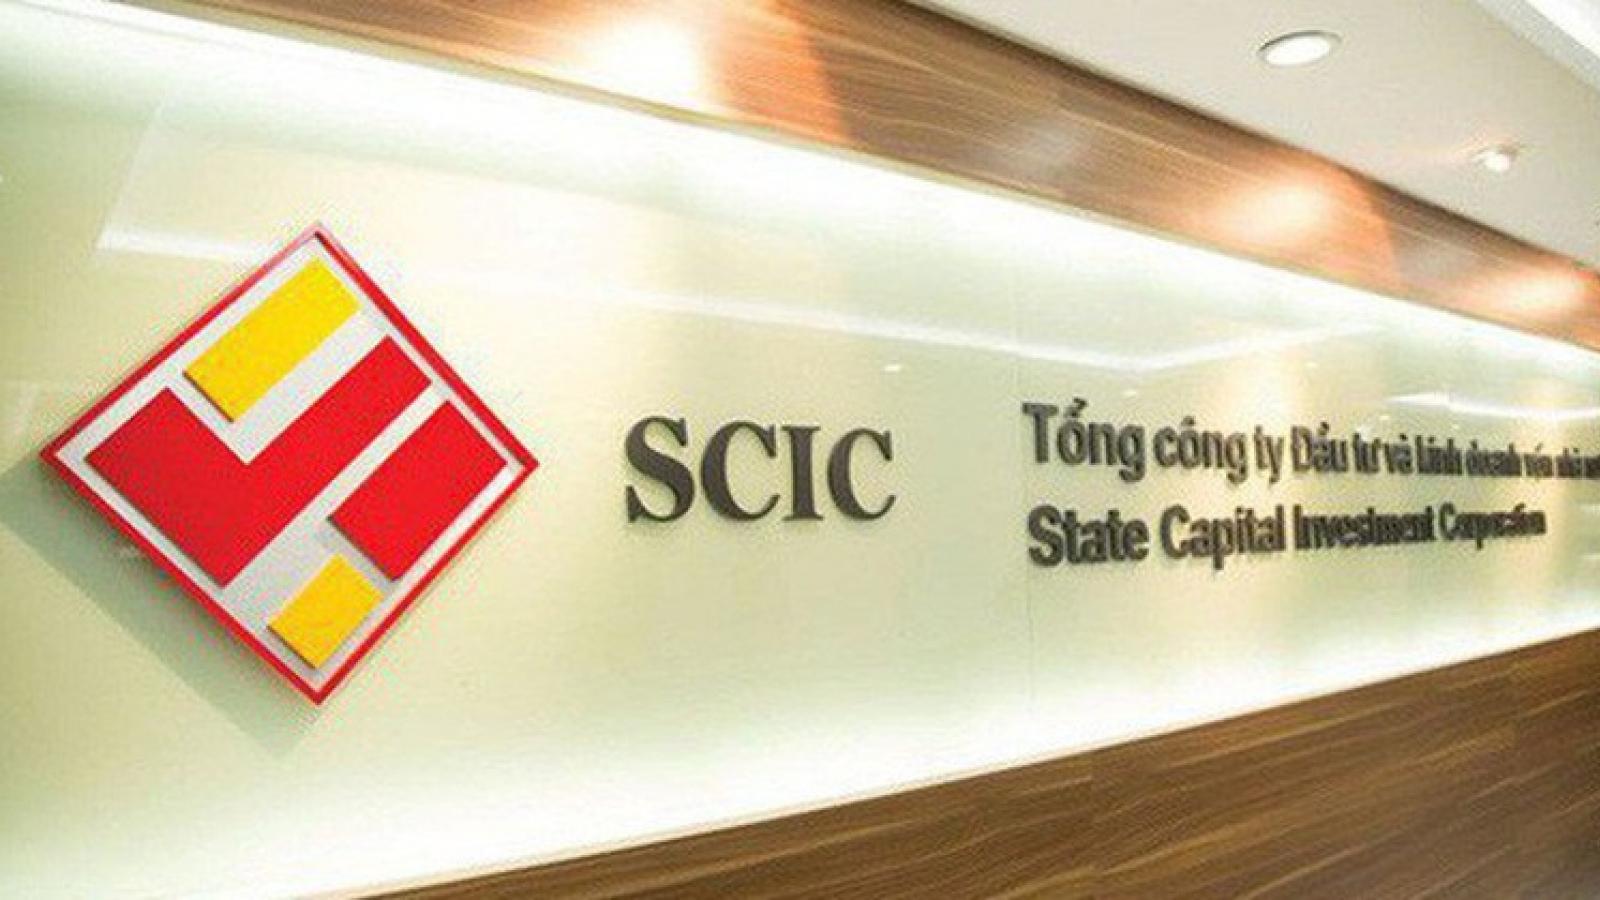 SCIC cần đa dạng hóa và sử dụng linh hoạt các hình thức đầu tư